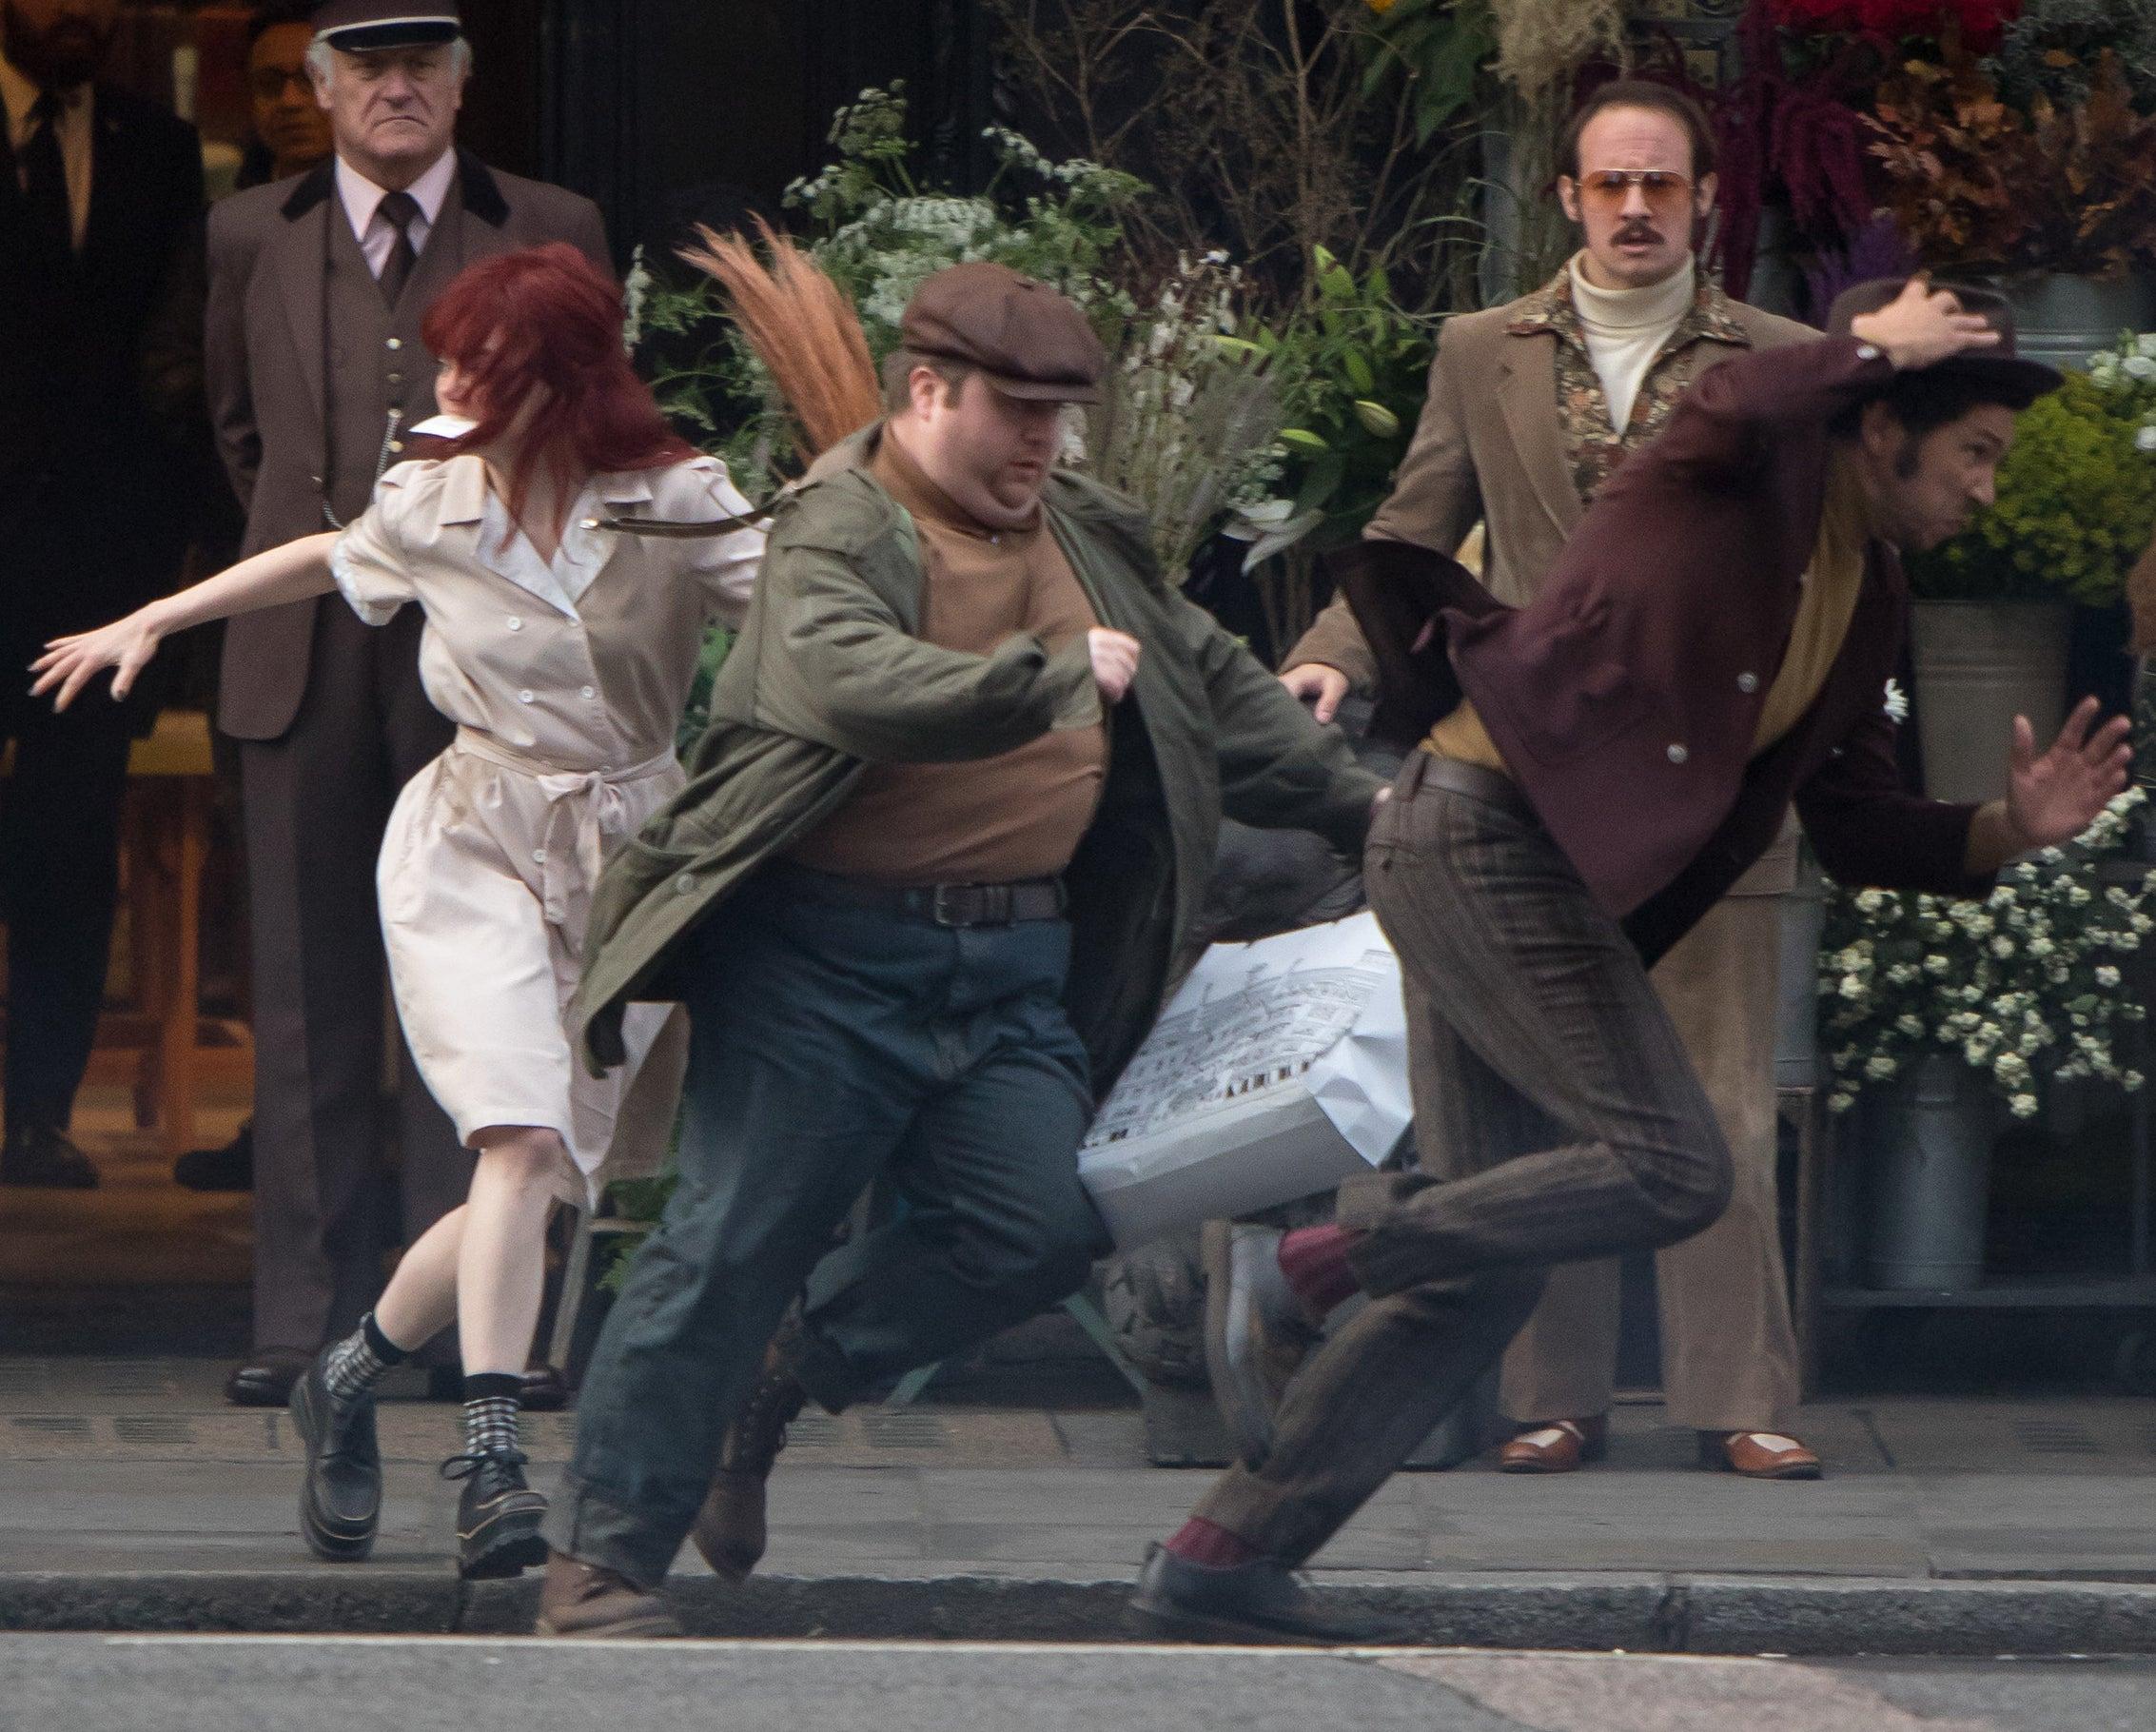 Emma Stone on set filming Cruella